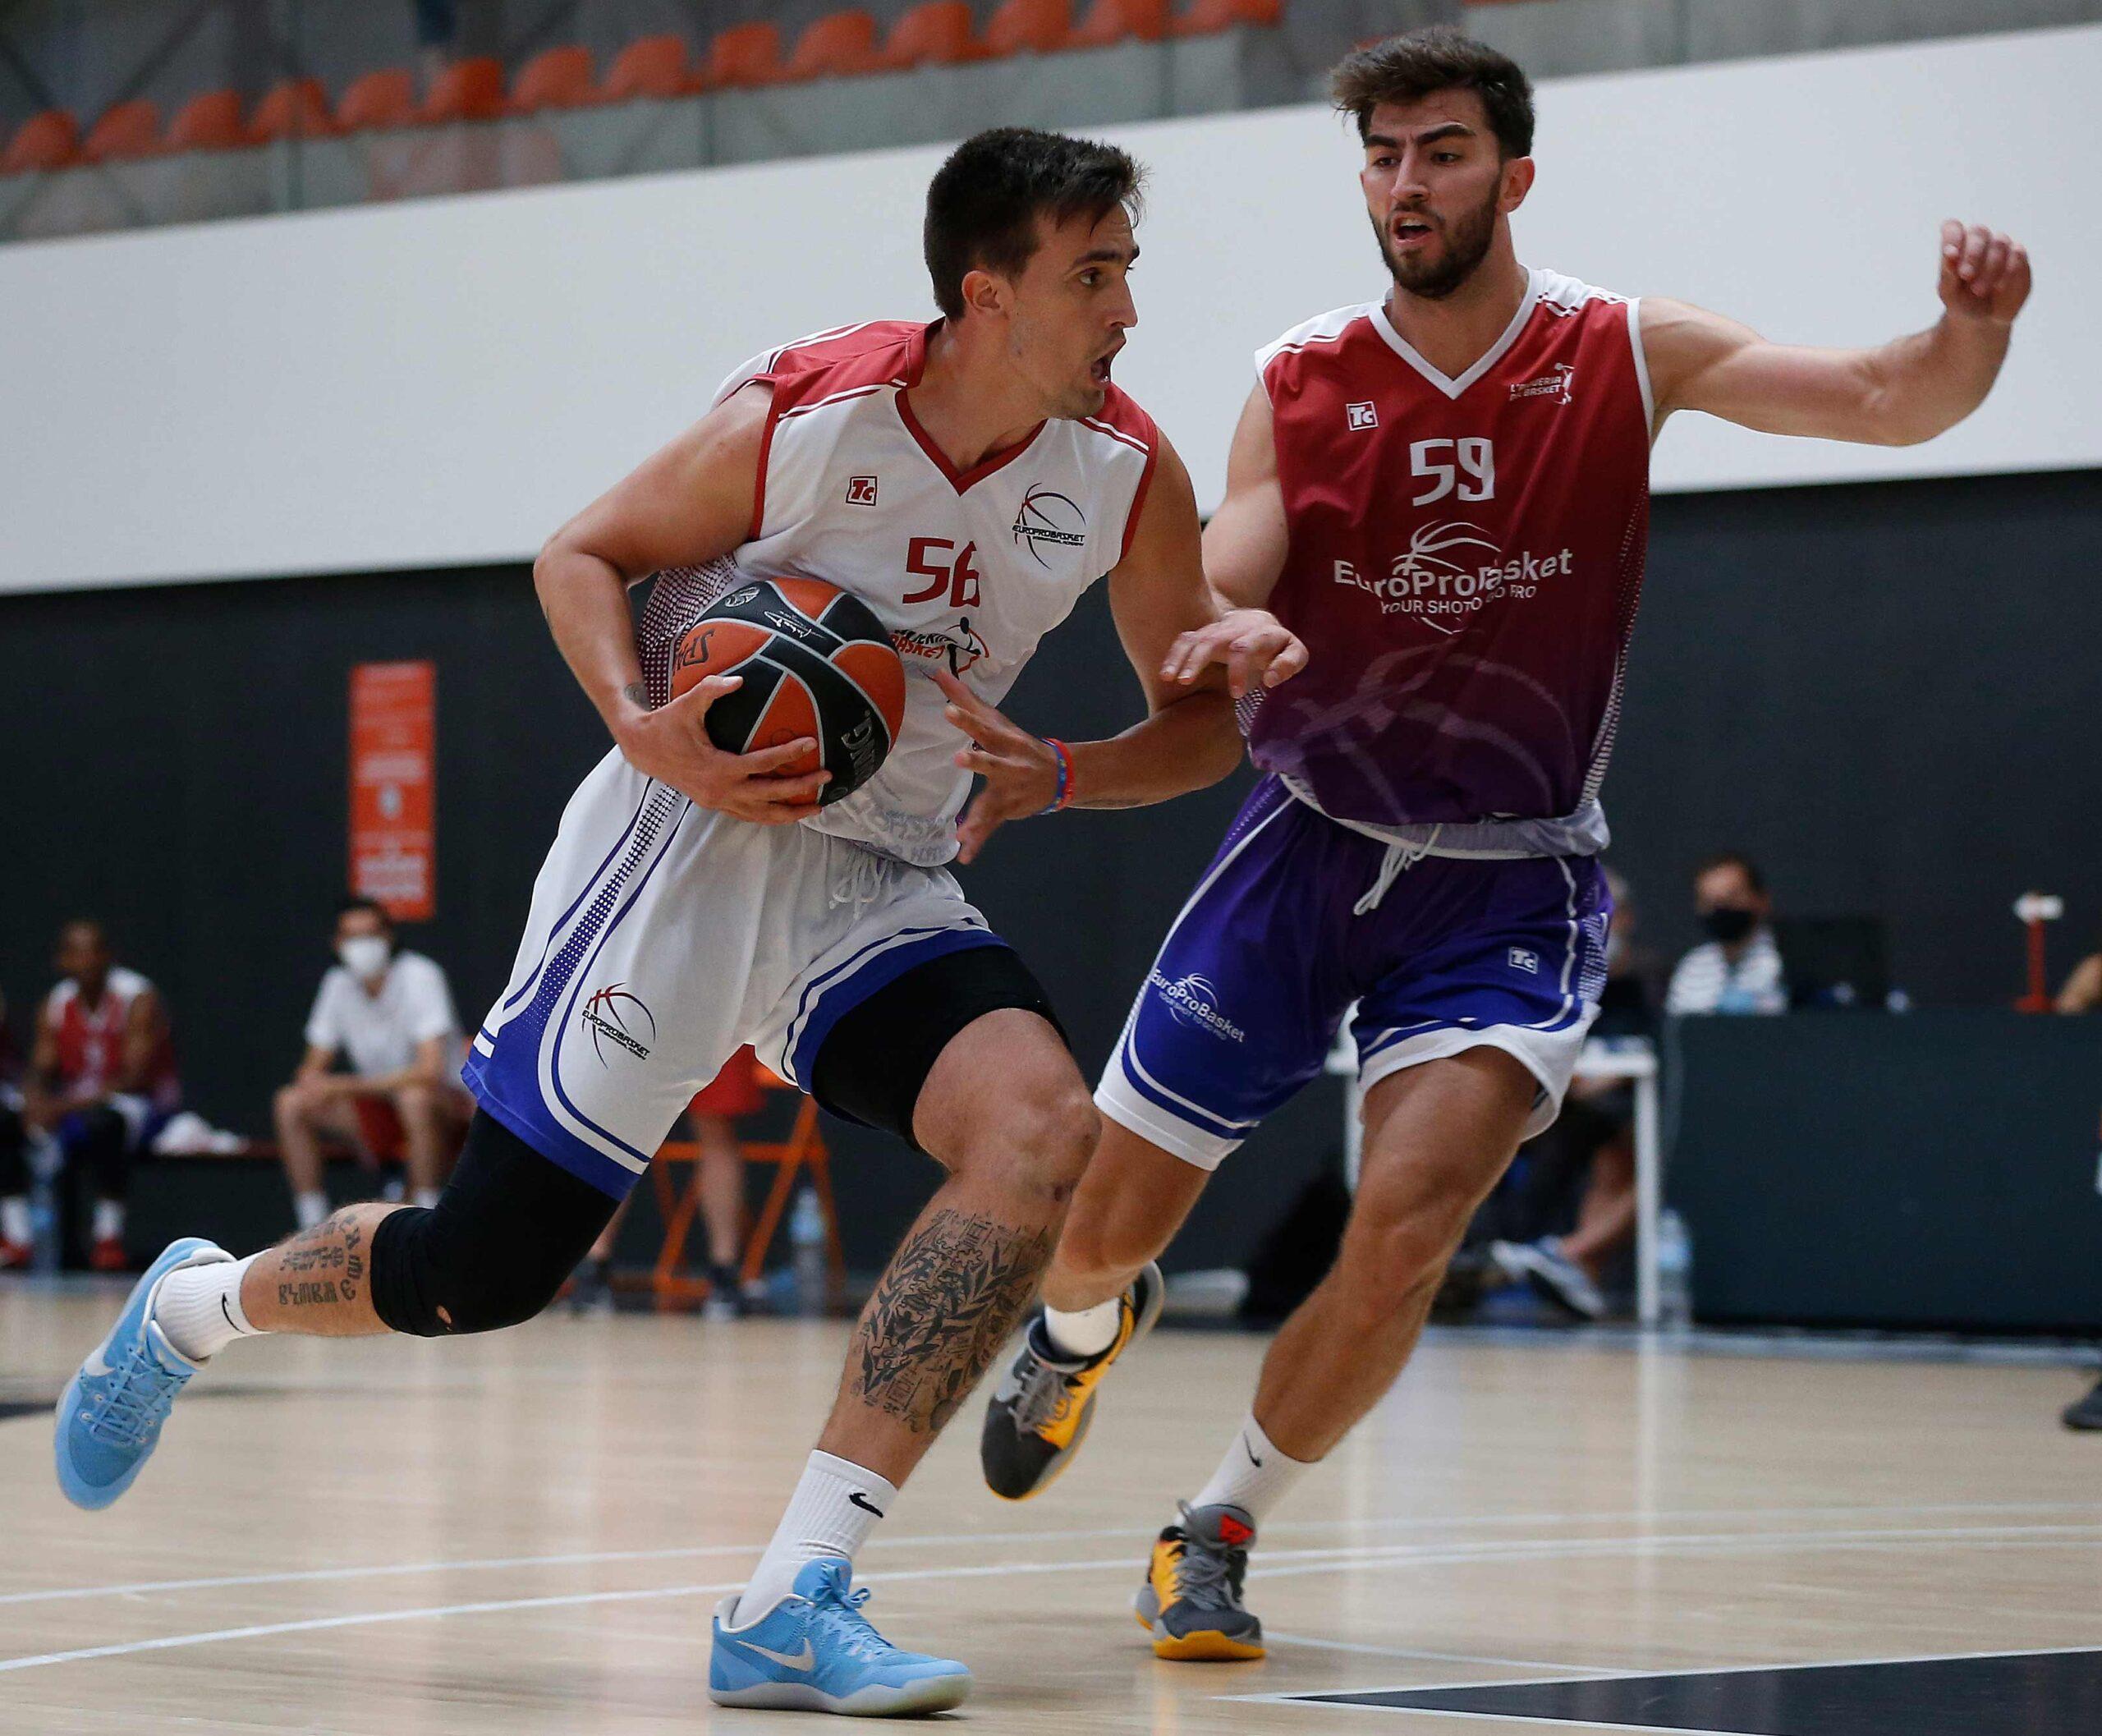 Ante Sustic Europrobasket